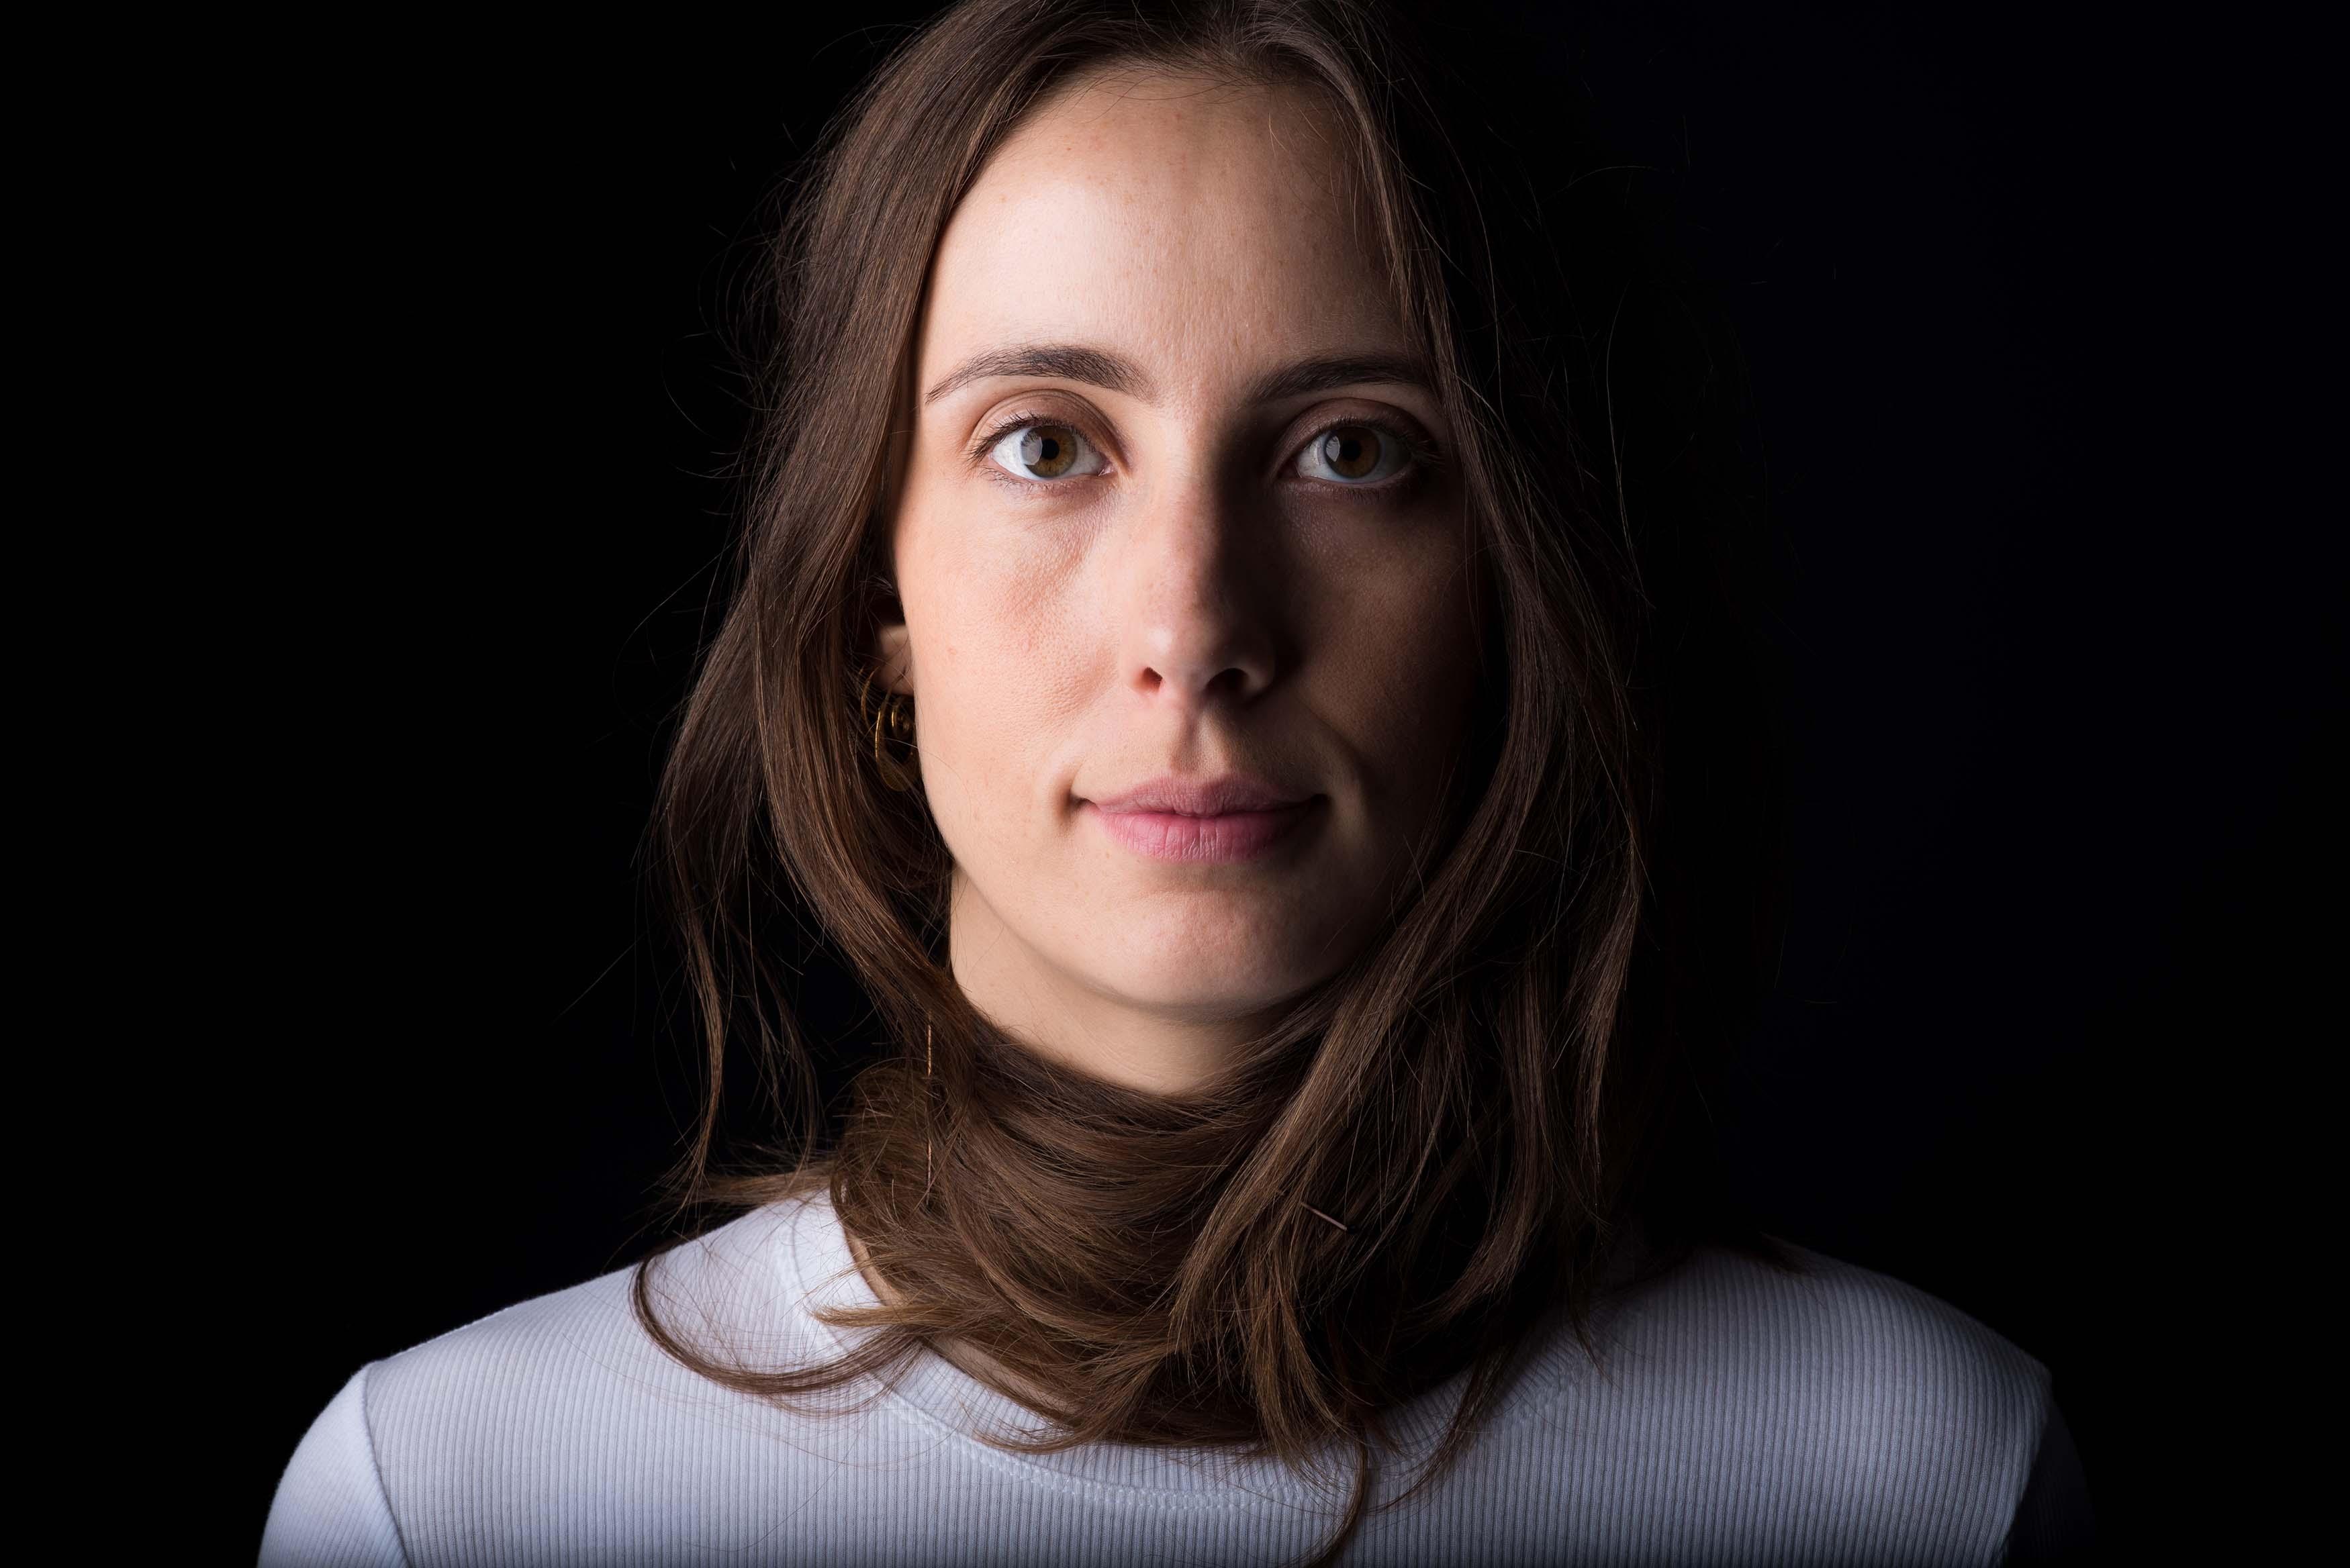 Lone Rasmussen Photography, www.lonerasmussenphotography.dk, portræt, kvinde, langt hår